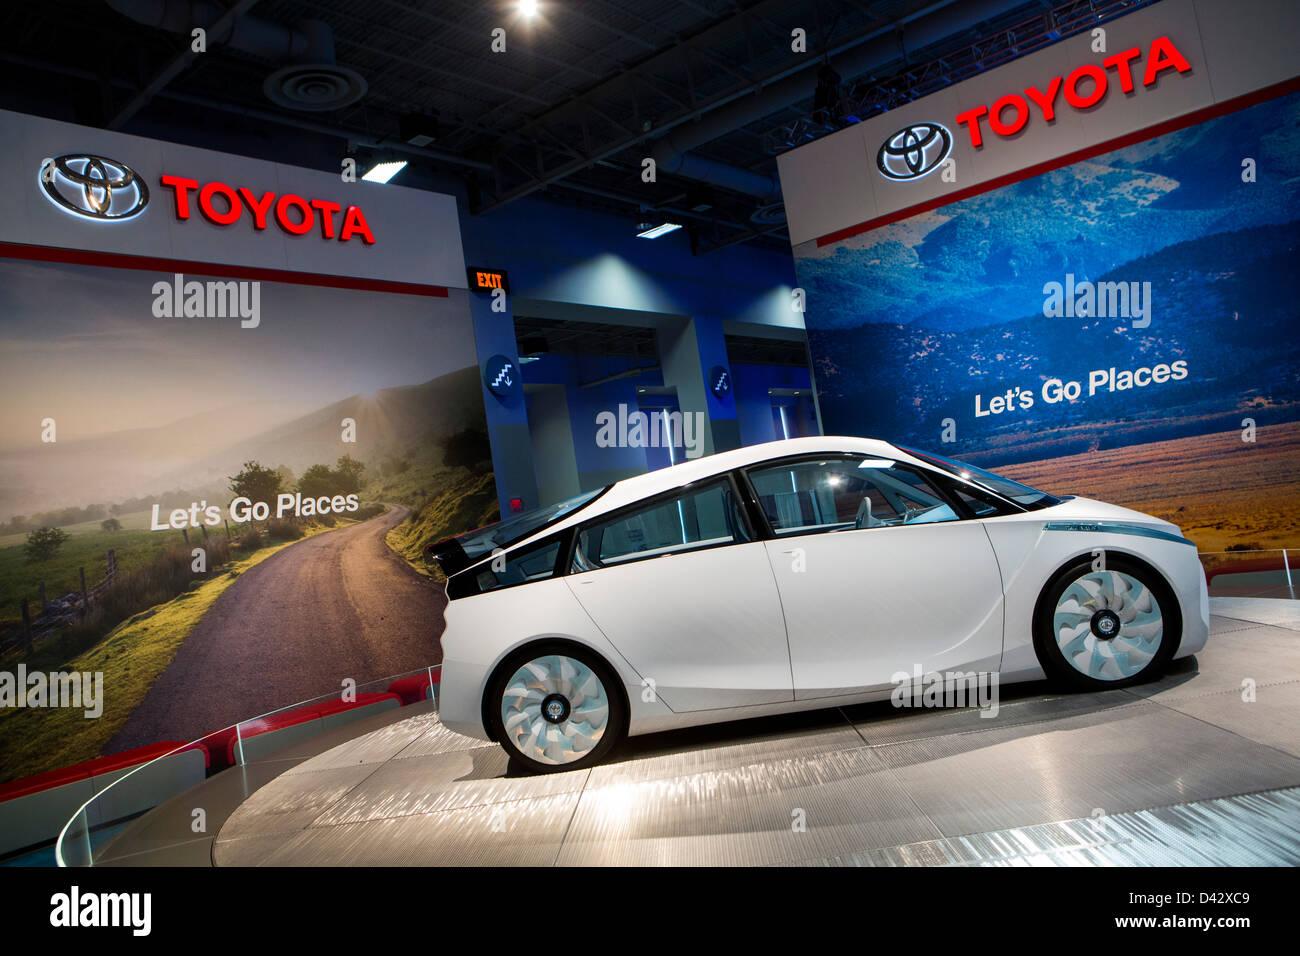 Une Toyota FT-Bh Concept Car hybride sur l'affichage à l'édition 2013 Washington, DC Auto Show. Photo Stock